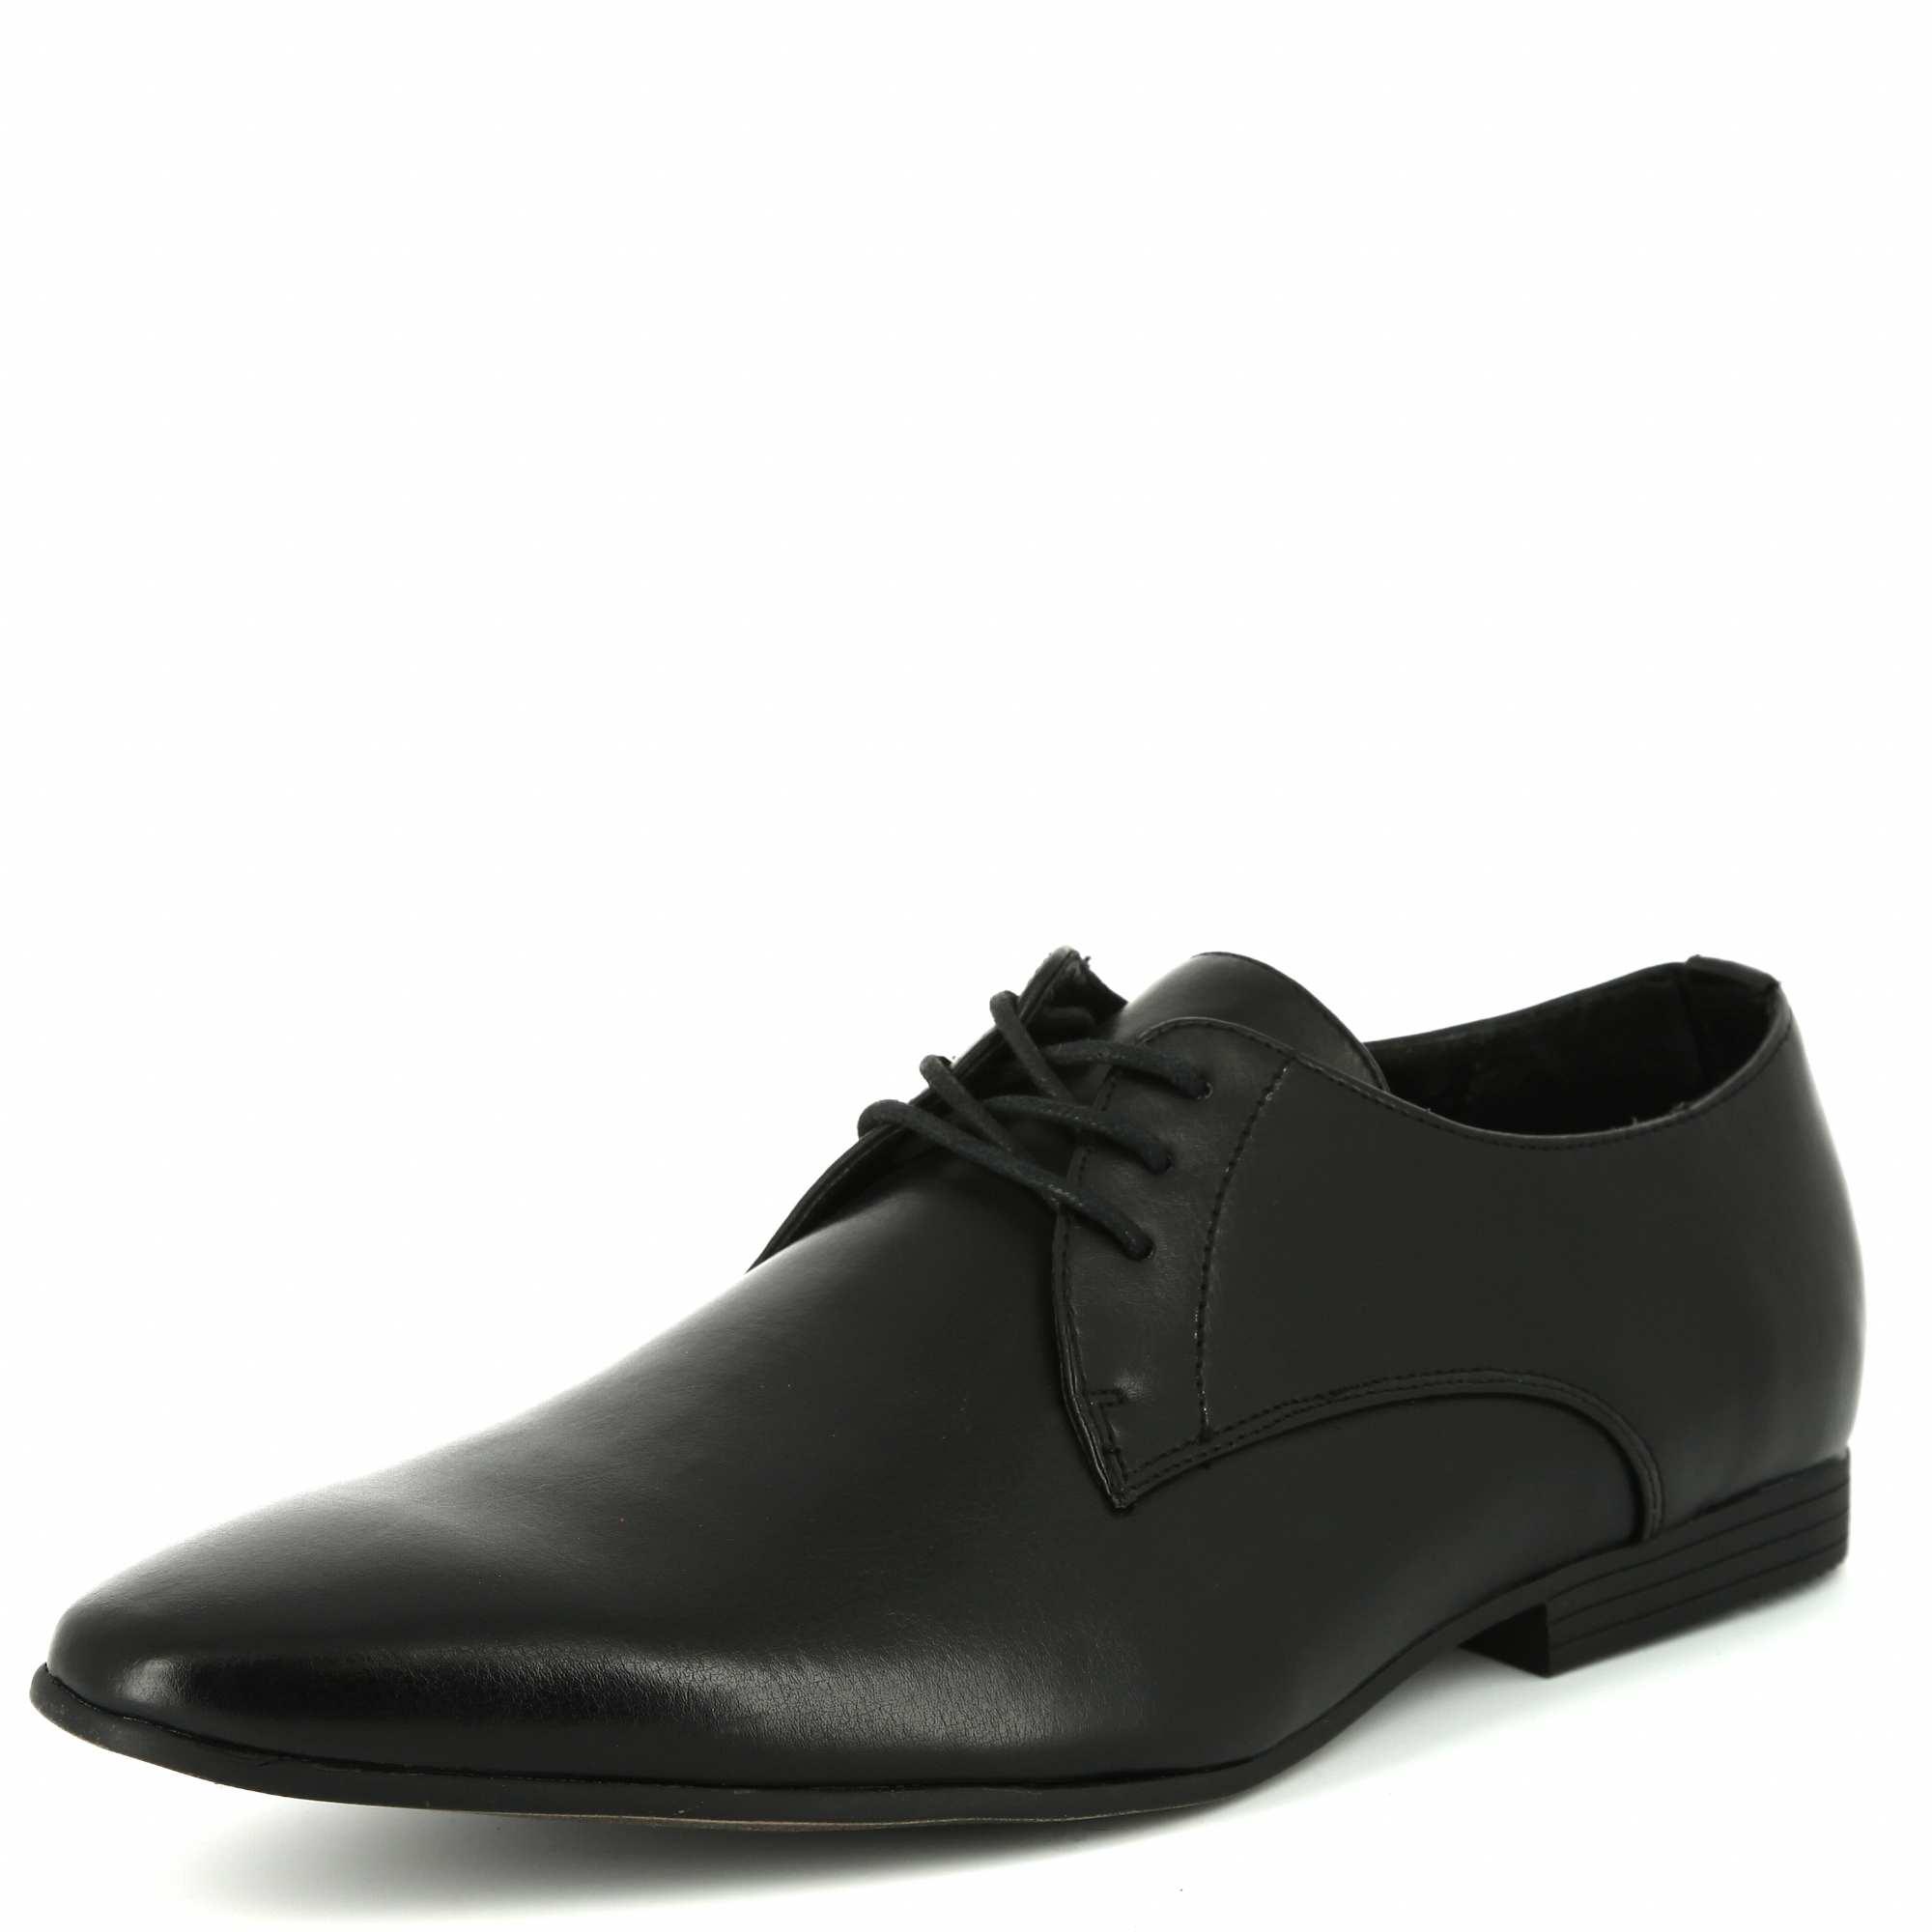 Zapatos de vestir Hombre - negro - Kiabi - 28 cfd816f9e2c30